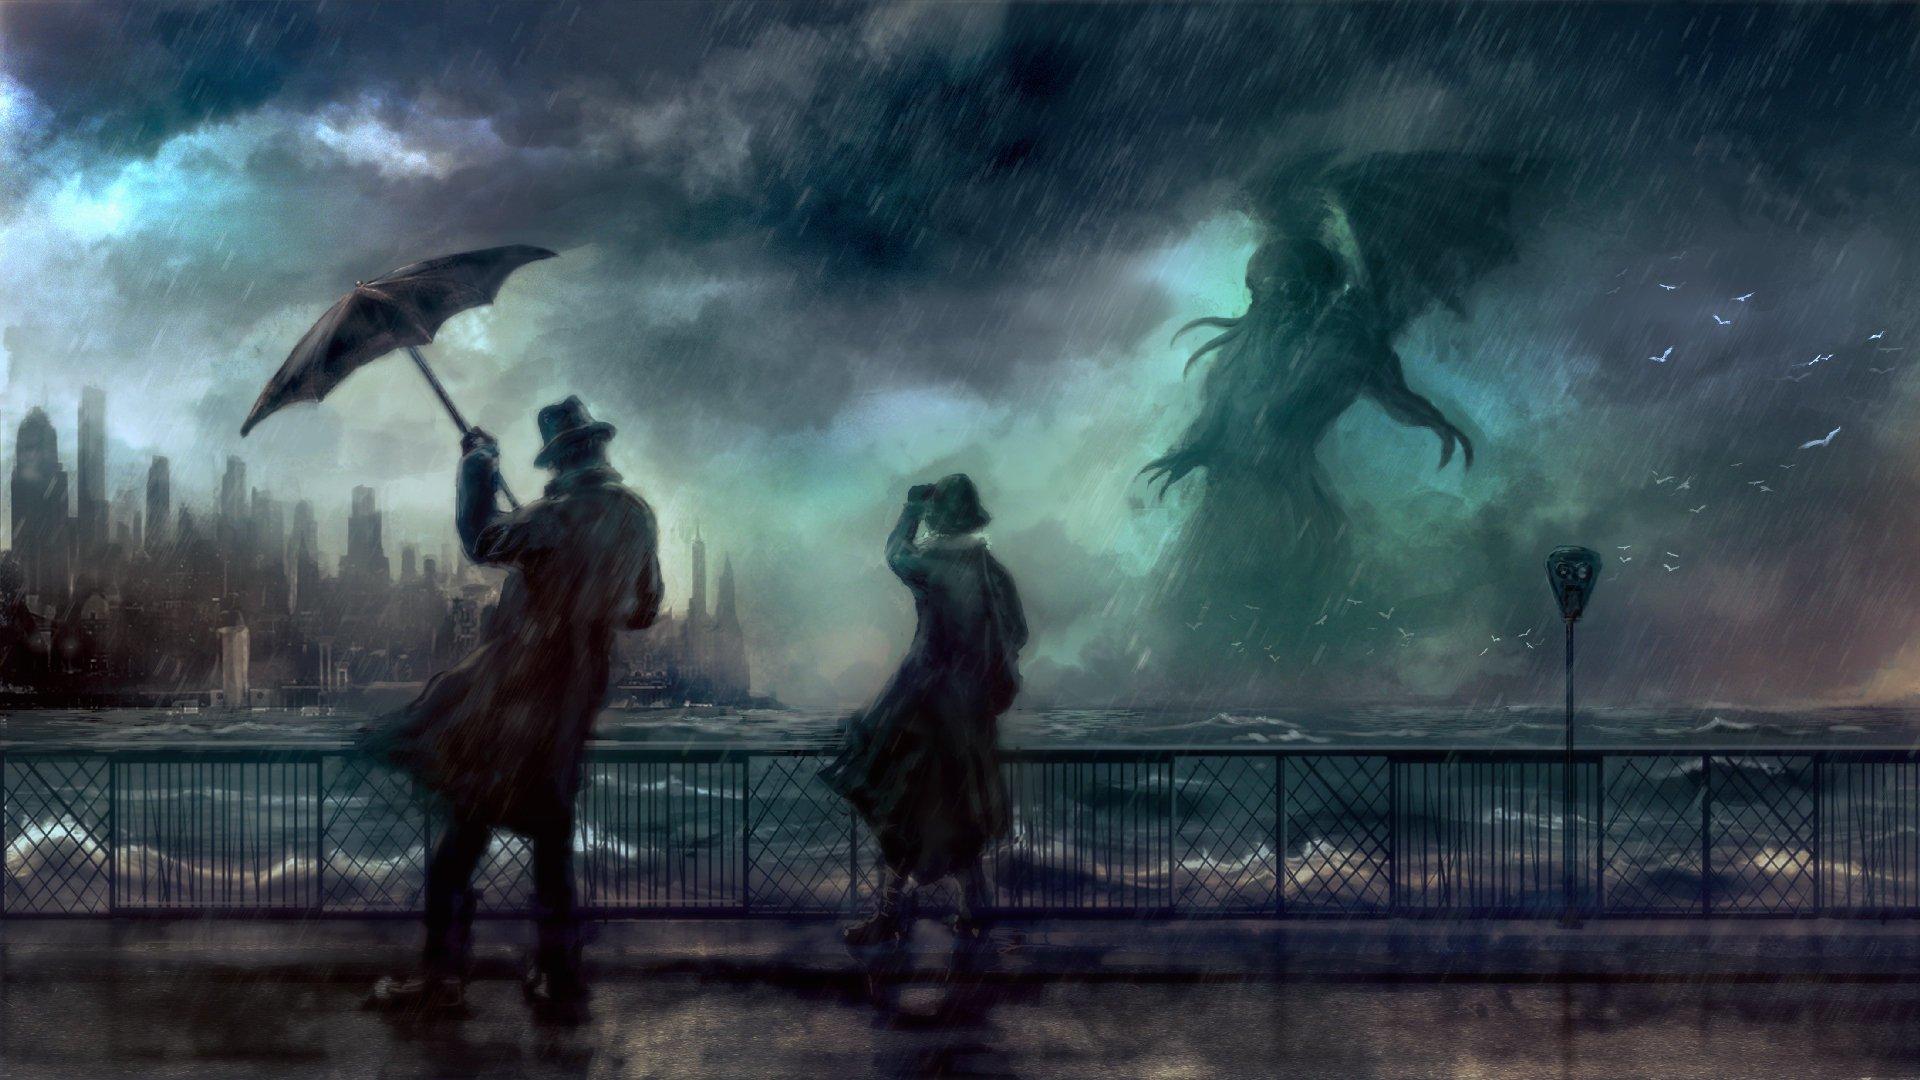 Hp Lovecraft Art Wallpapers: Cthulhu HD Wallpaper